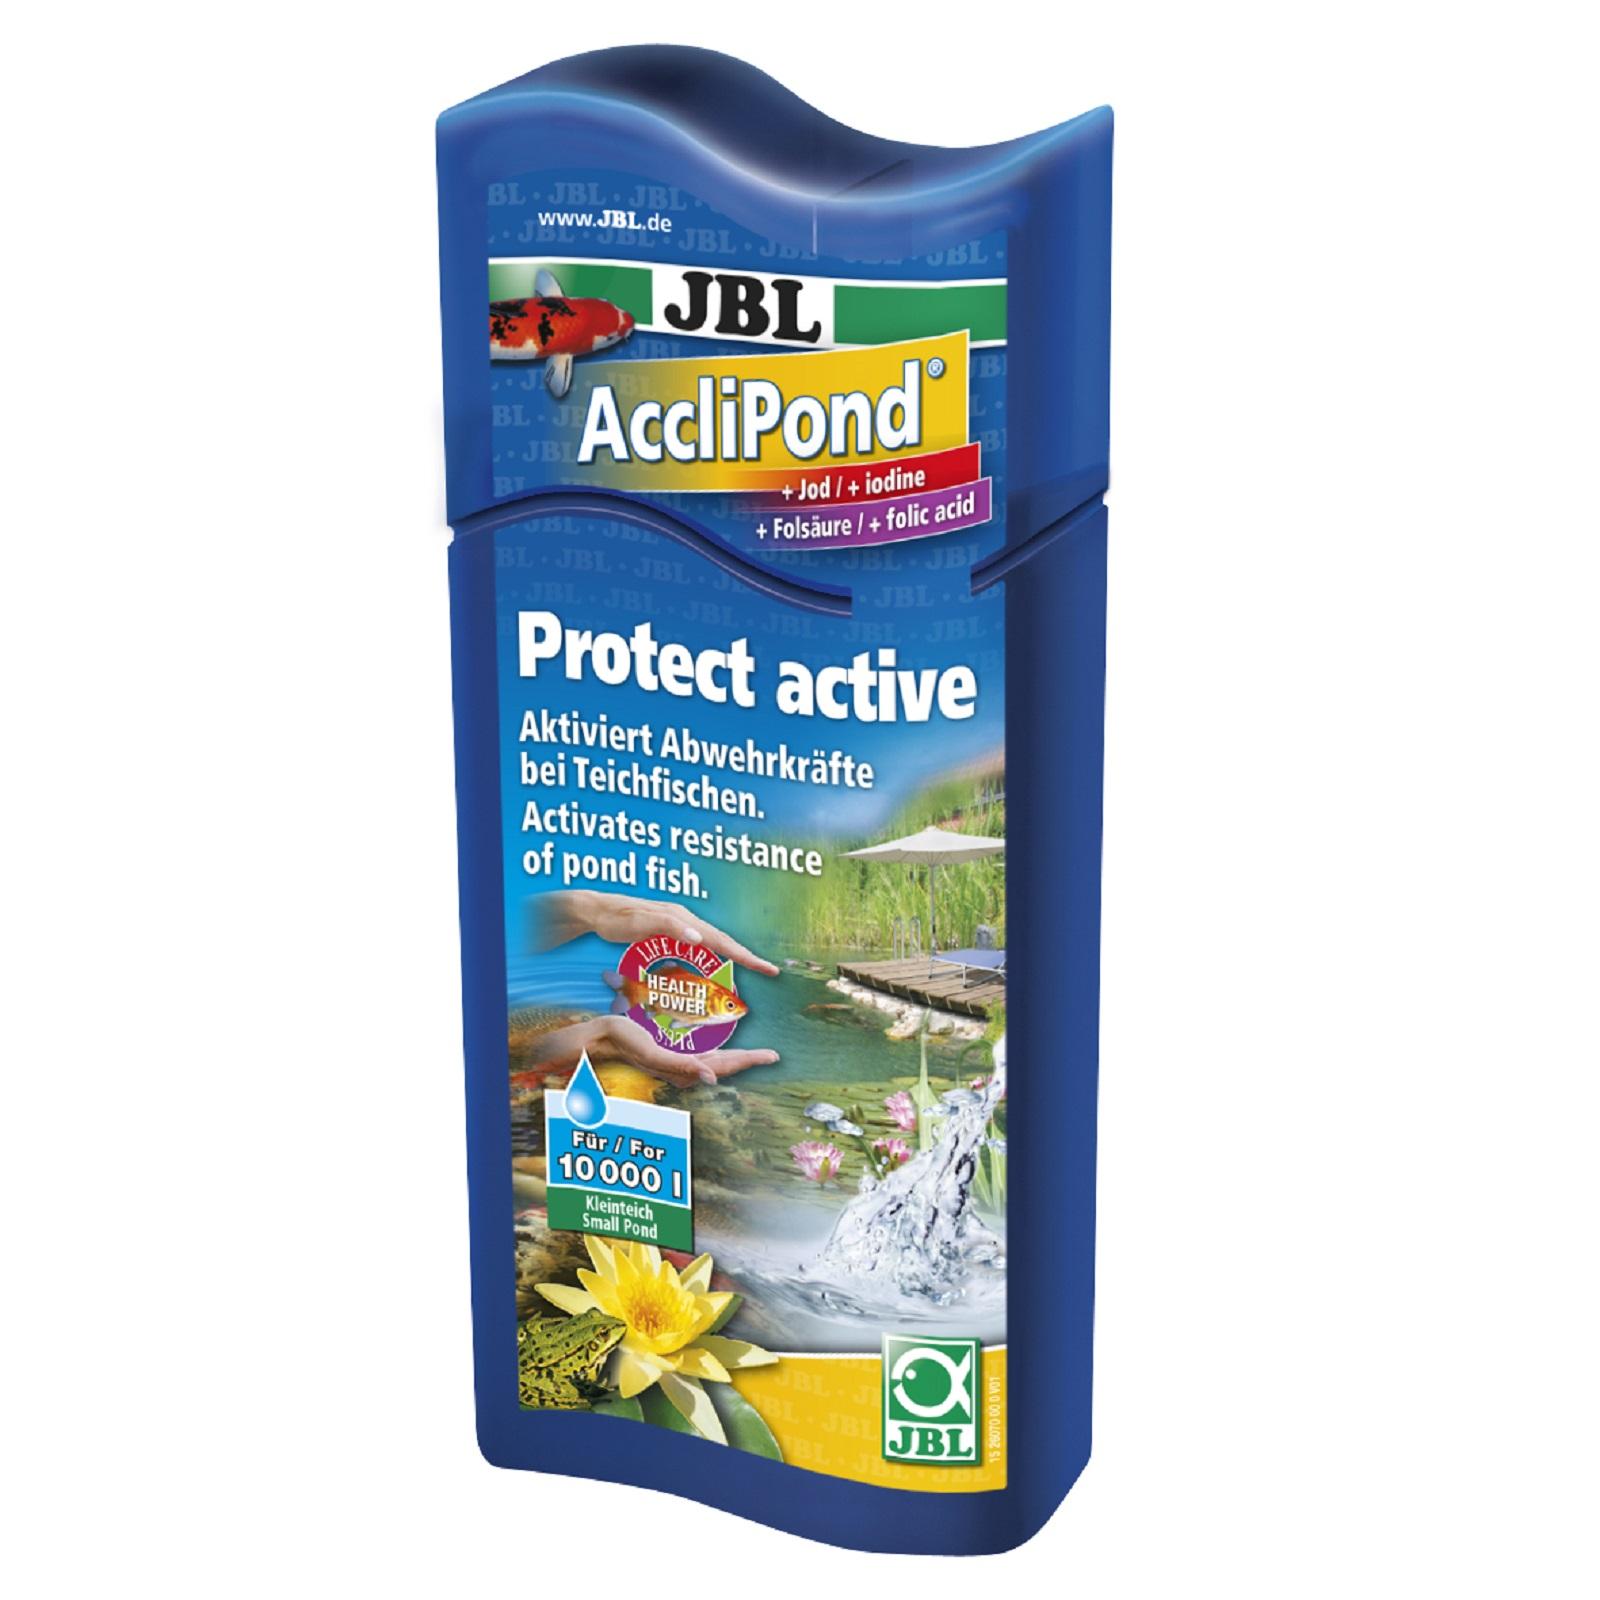 JBL AccliPond 500 ml Fischpflege aktiviert Abwehrkräfte fördert Fischgesundheit